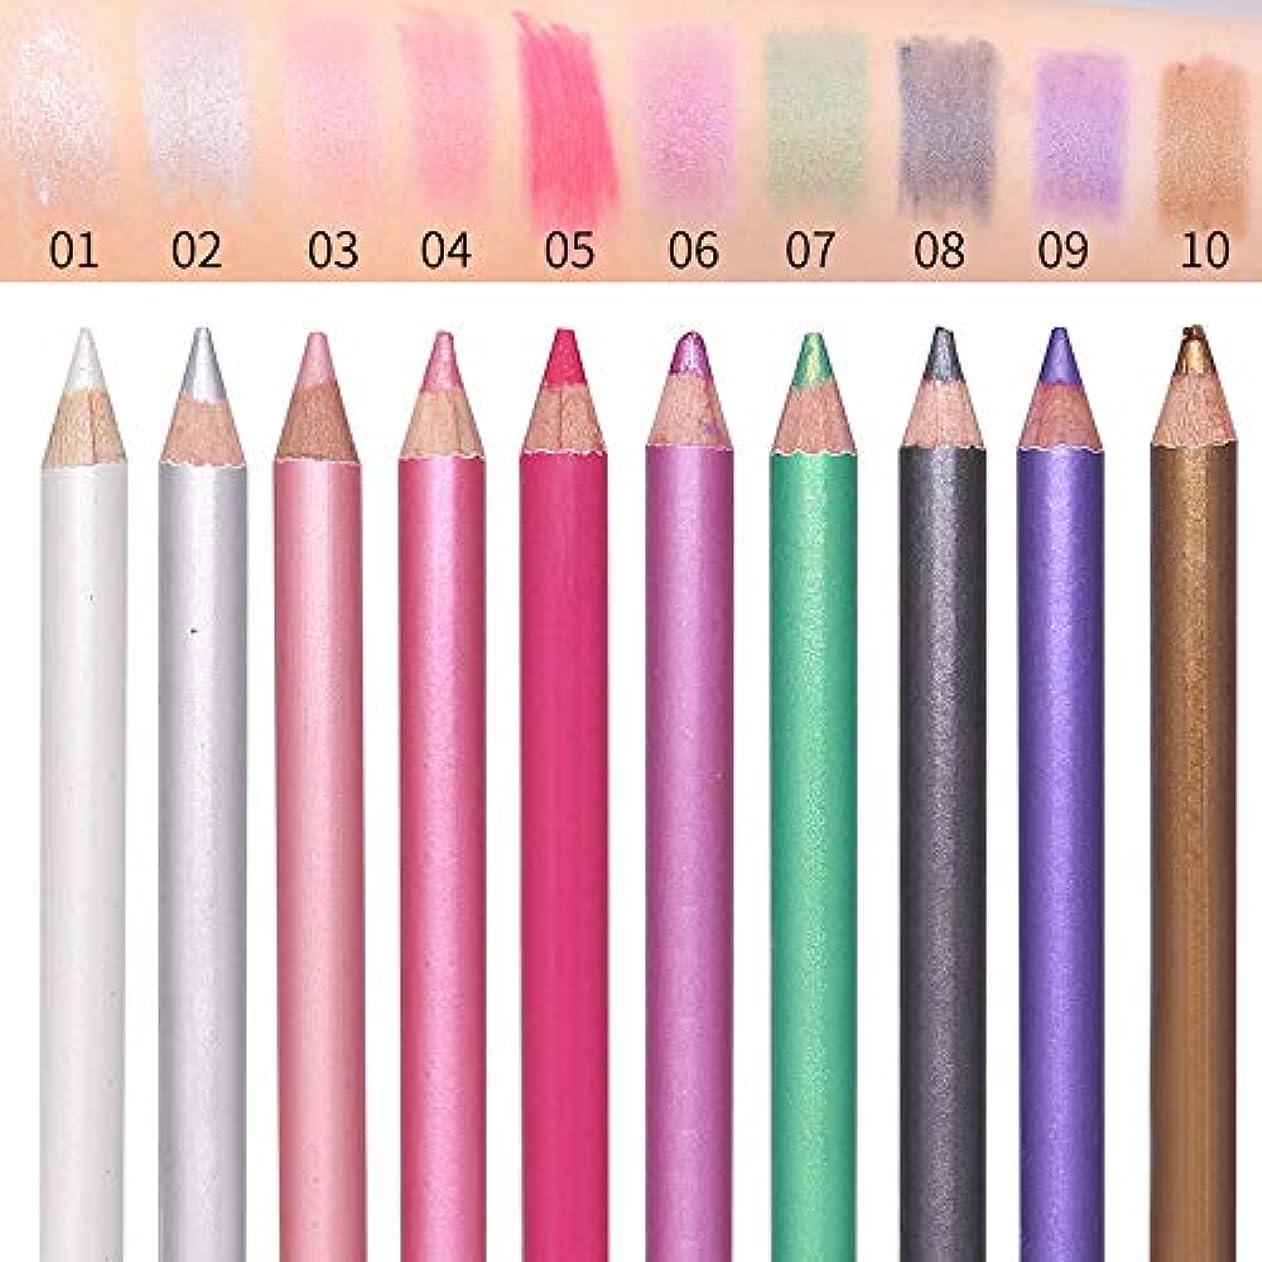 要求する眠っている描く1ピースフェイスアイシャドウペンシルハイライト輪郭ペンスティック防水長続き化粧10色シャドウペンシル付きブレンダー (3)